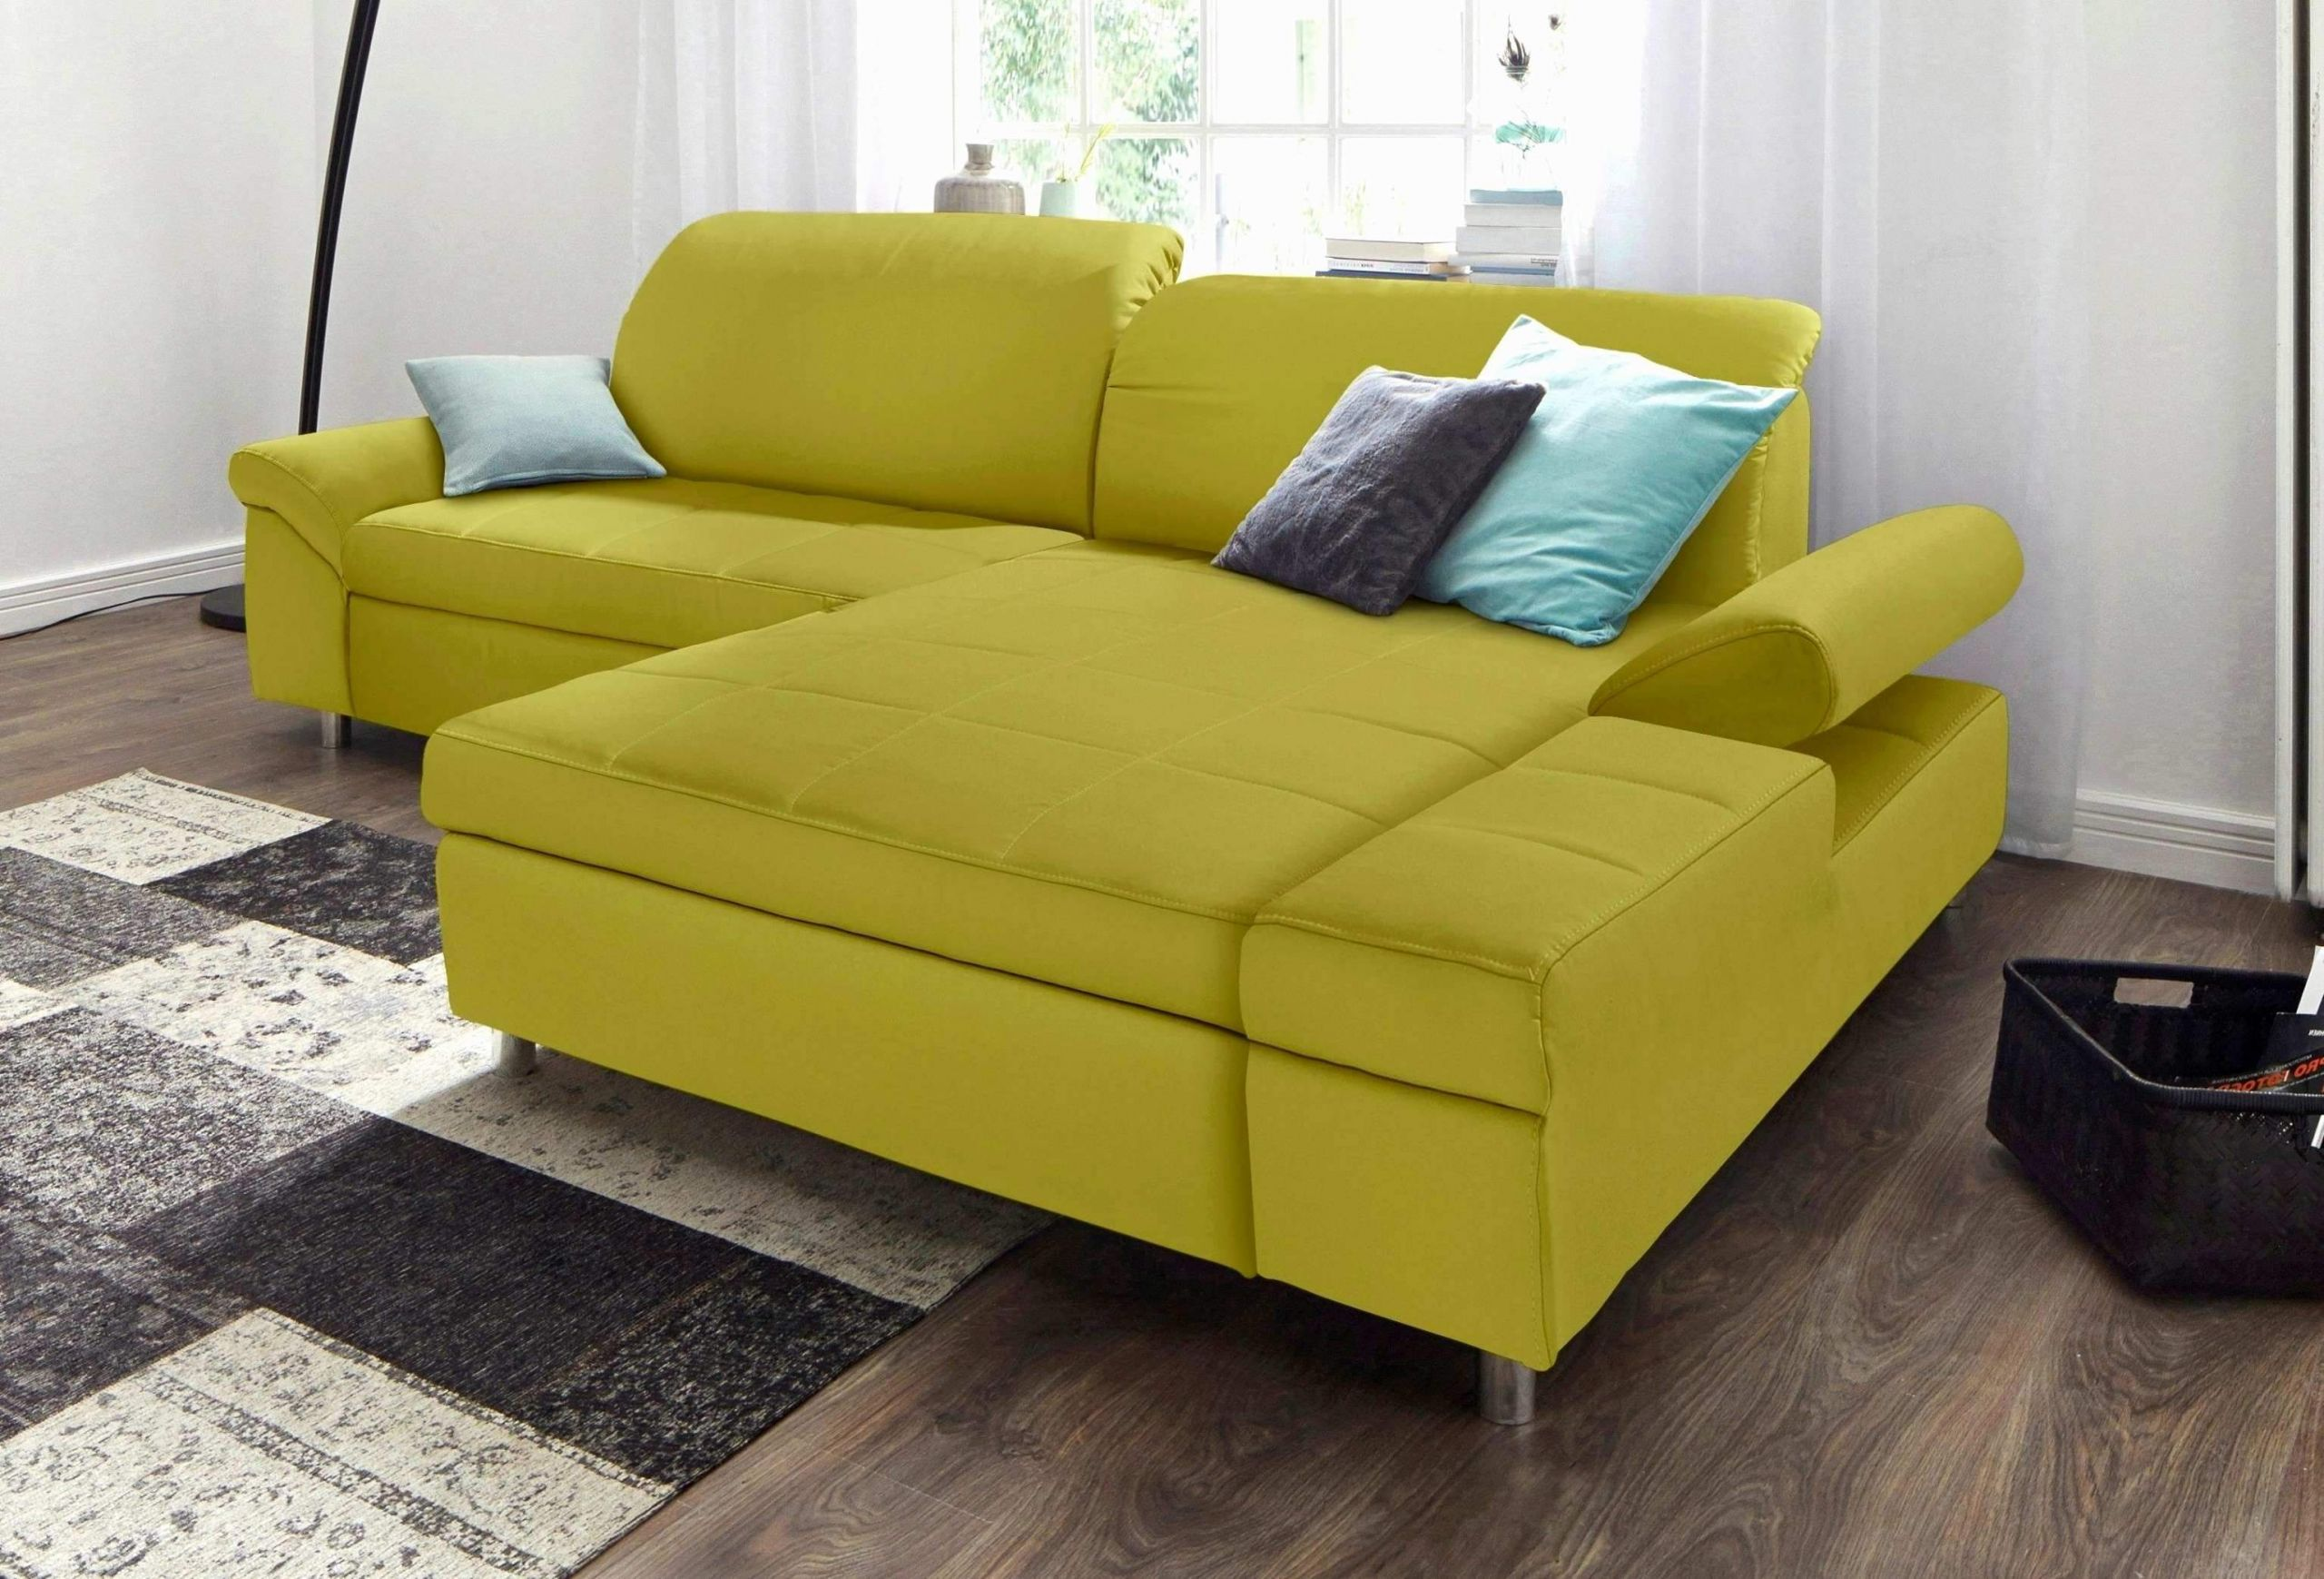 ecksofa garten frisch sofa mit sessel luxus sessel garten neu sofa mit sessel of ecksofa garten scaled